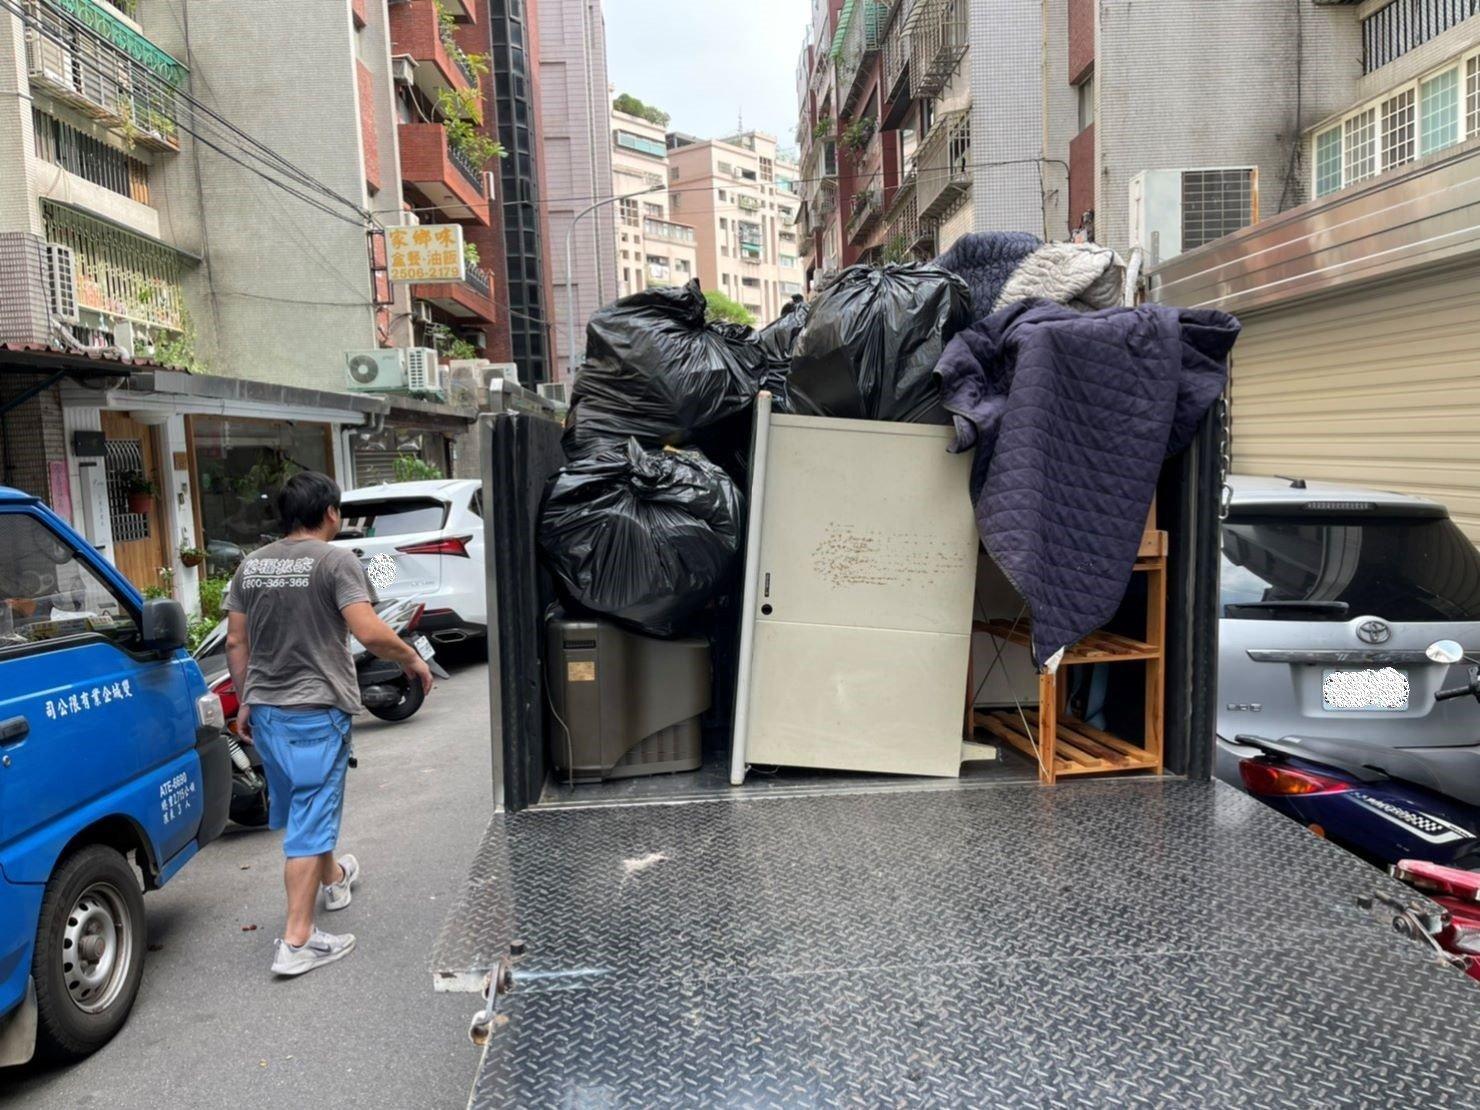 新北搬家【榮福搬家】搬家首選、台北搬家推薦:【廢棄物處理清運、家庭家具垃圾處理】榮福搬家在廢棄物處理的服務也不馬虎,幫顧客把家中多餘的垃圾清理裝袋後搬運至搬家貨車上堆疊,堆疊方式也是按照搬家車輛堆疊標準,不會亂塞亂放。